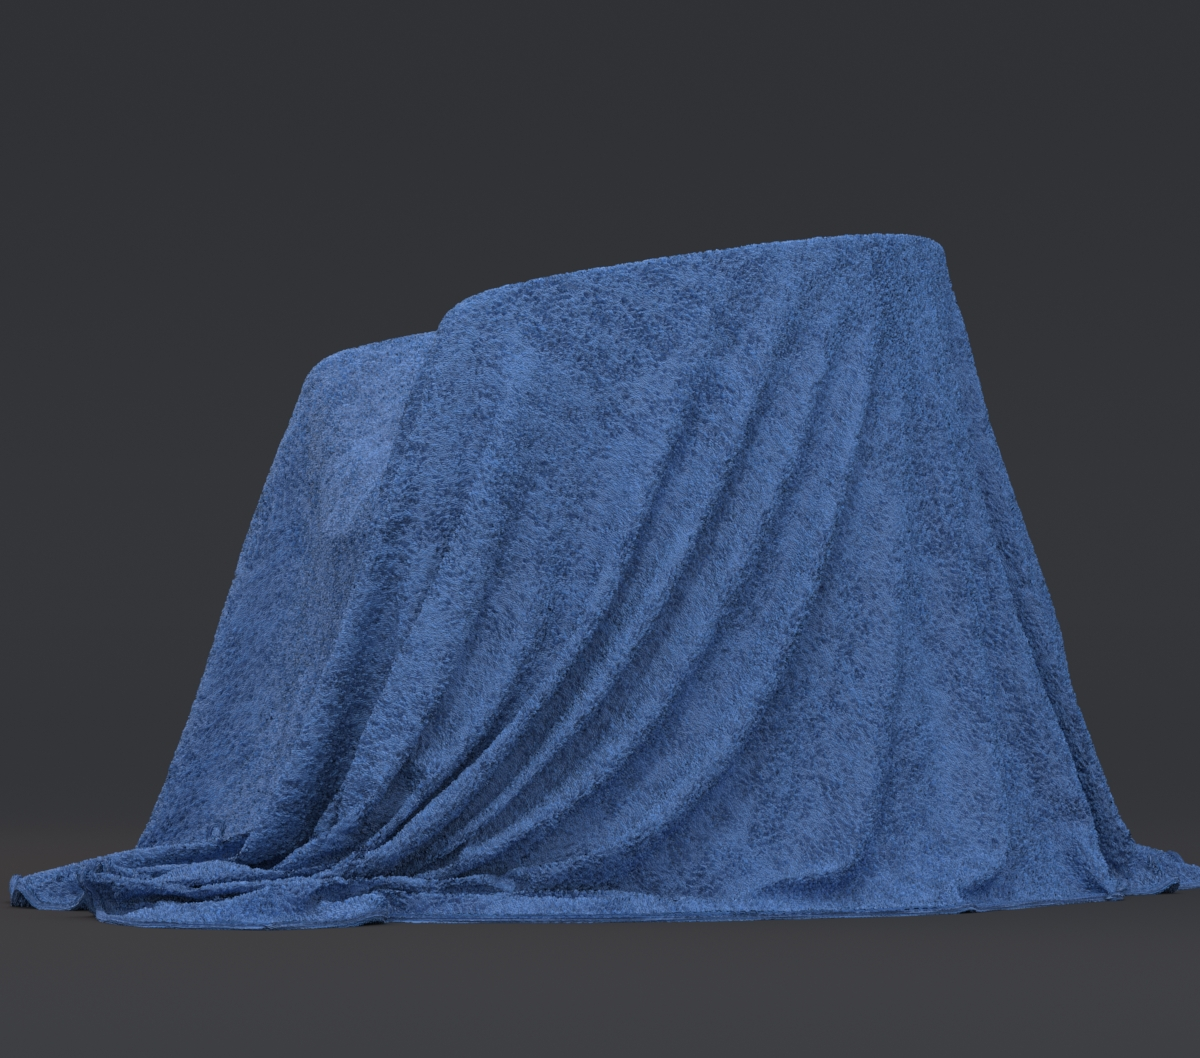 09_Towel